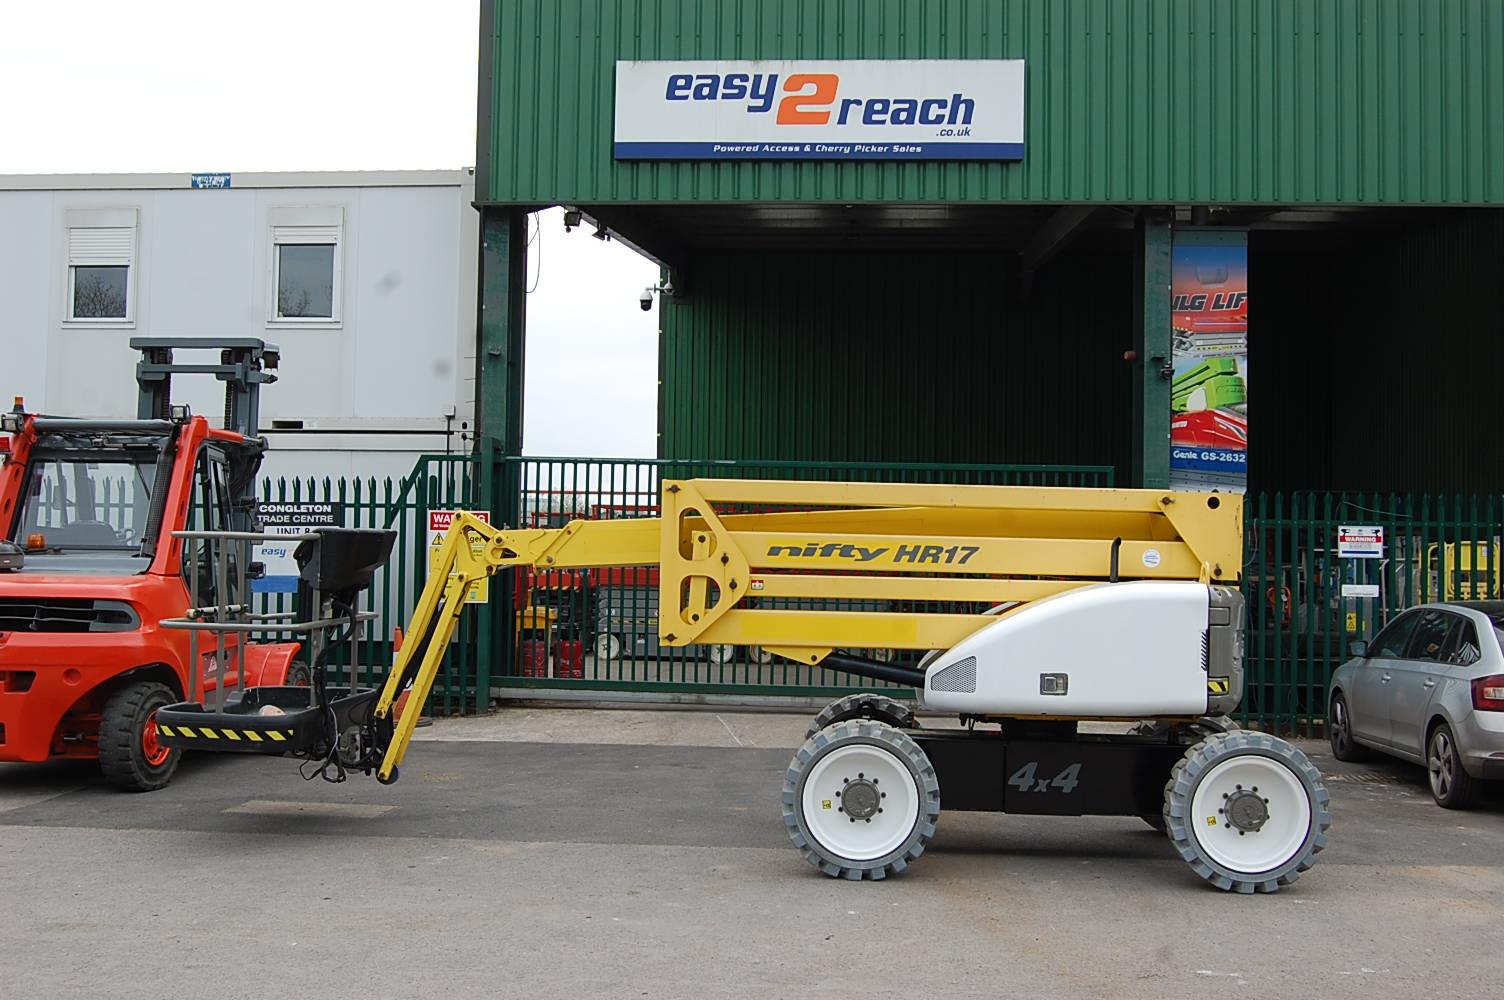 2013 Niftylift HR17 Rough Terrain Diesel Boom Lift 17.2m